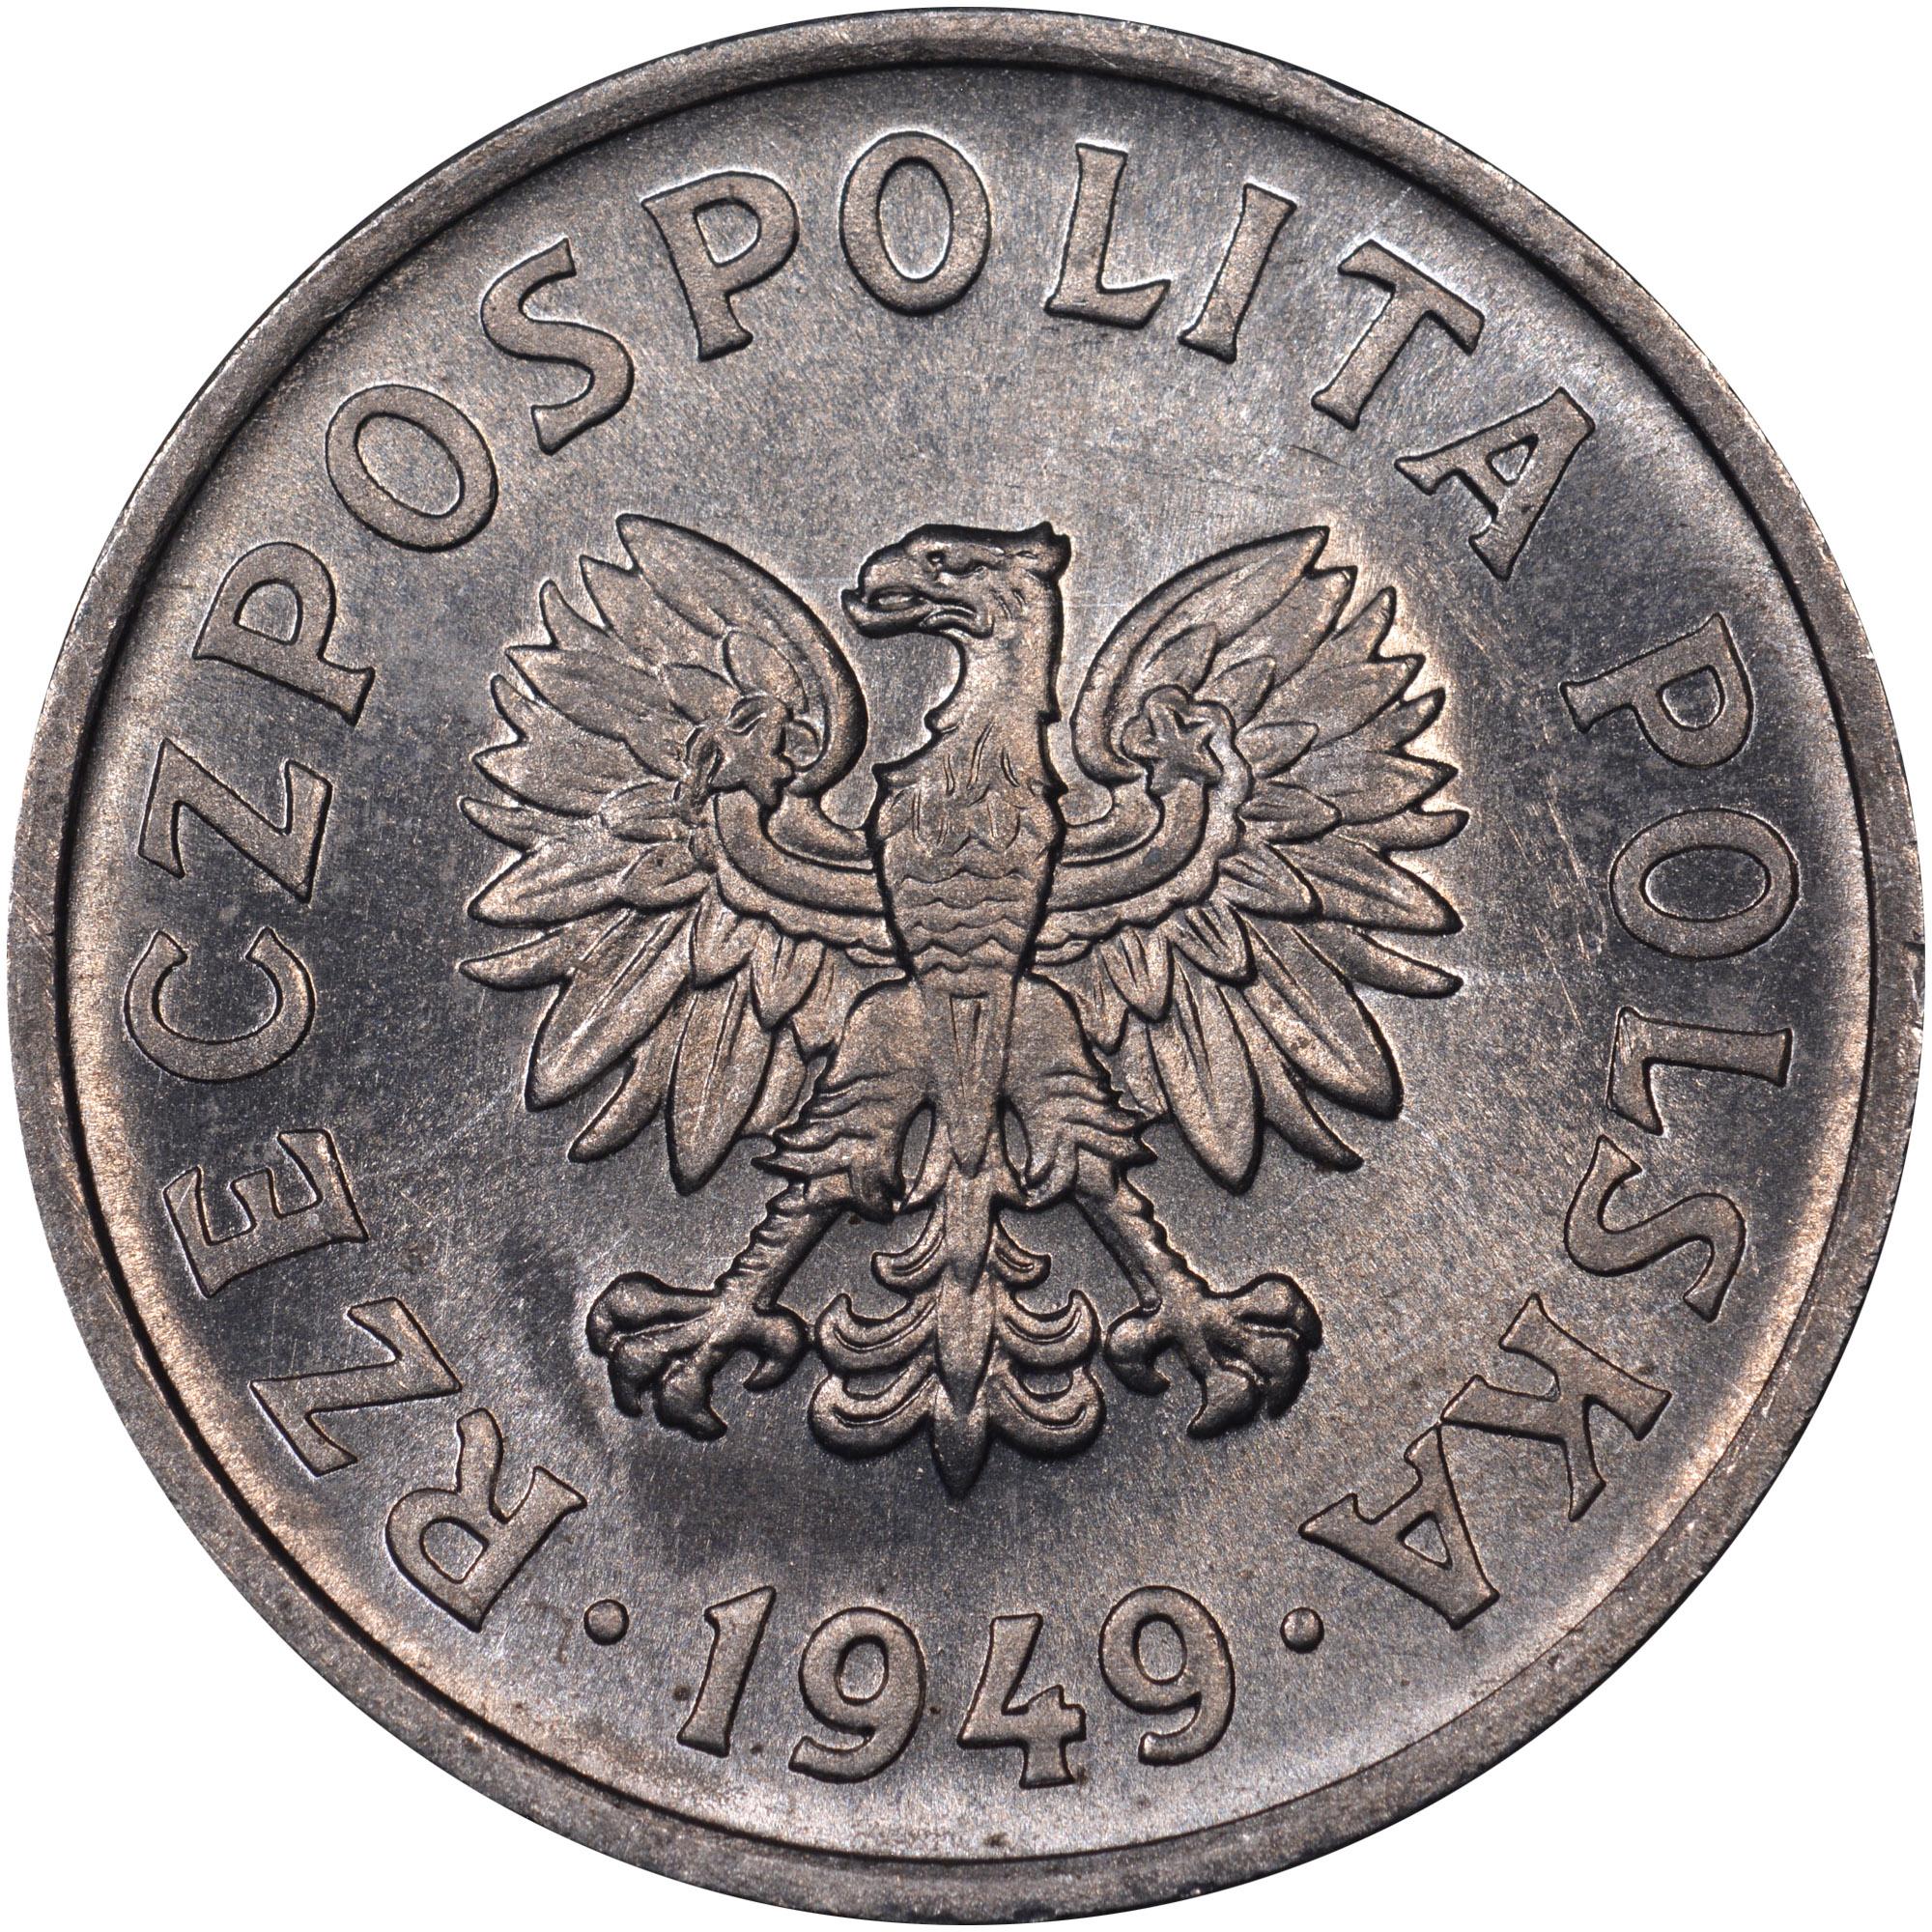 Poland 20 Groszy obverse